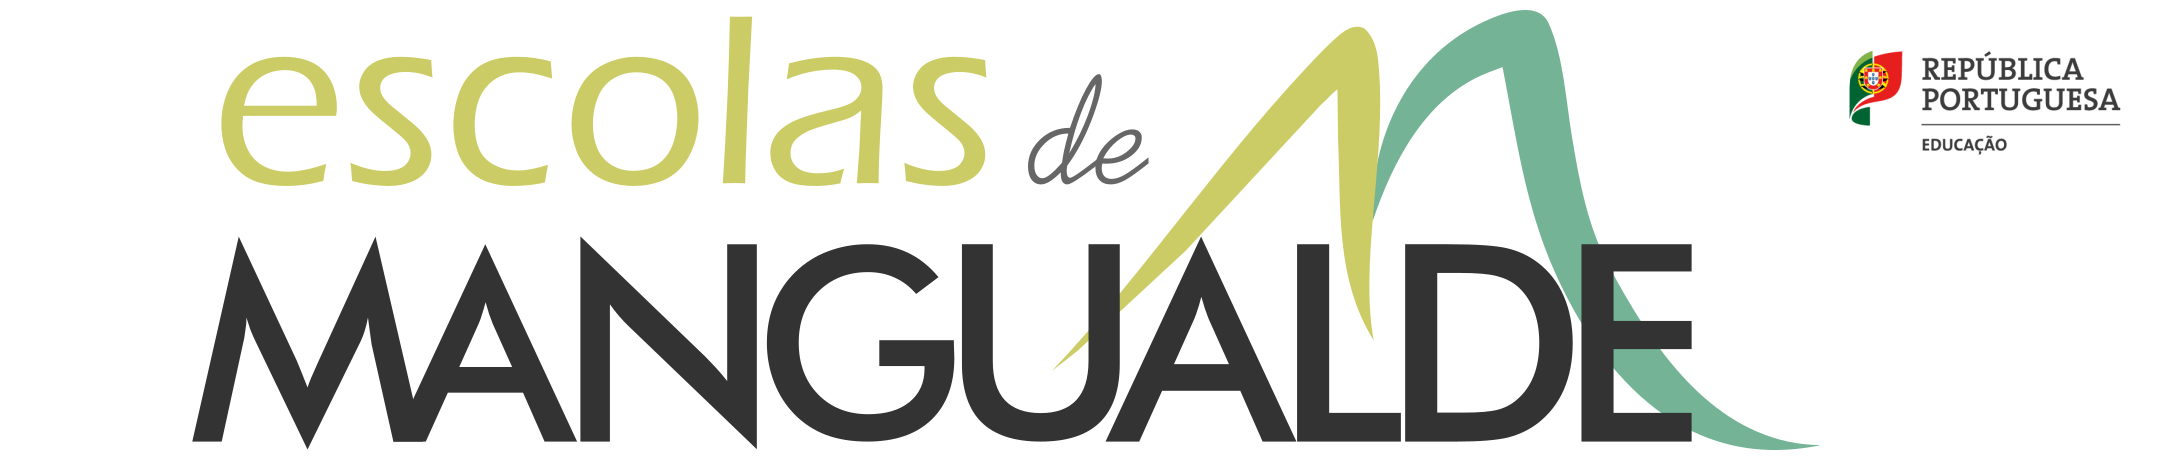 Logotipo das Escolas de Mangualde